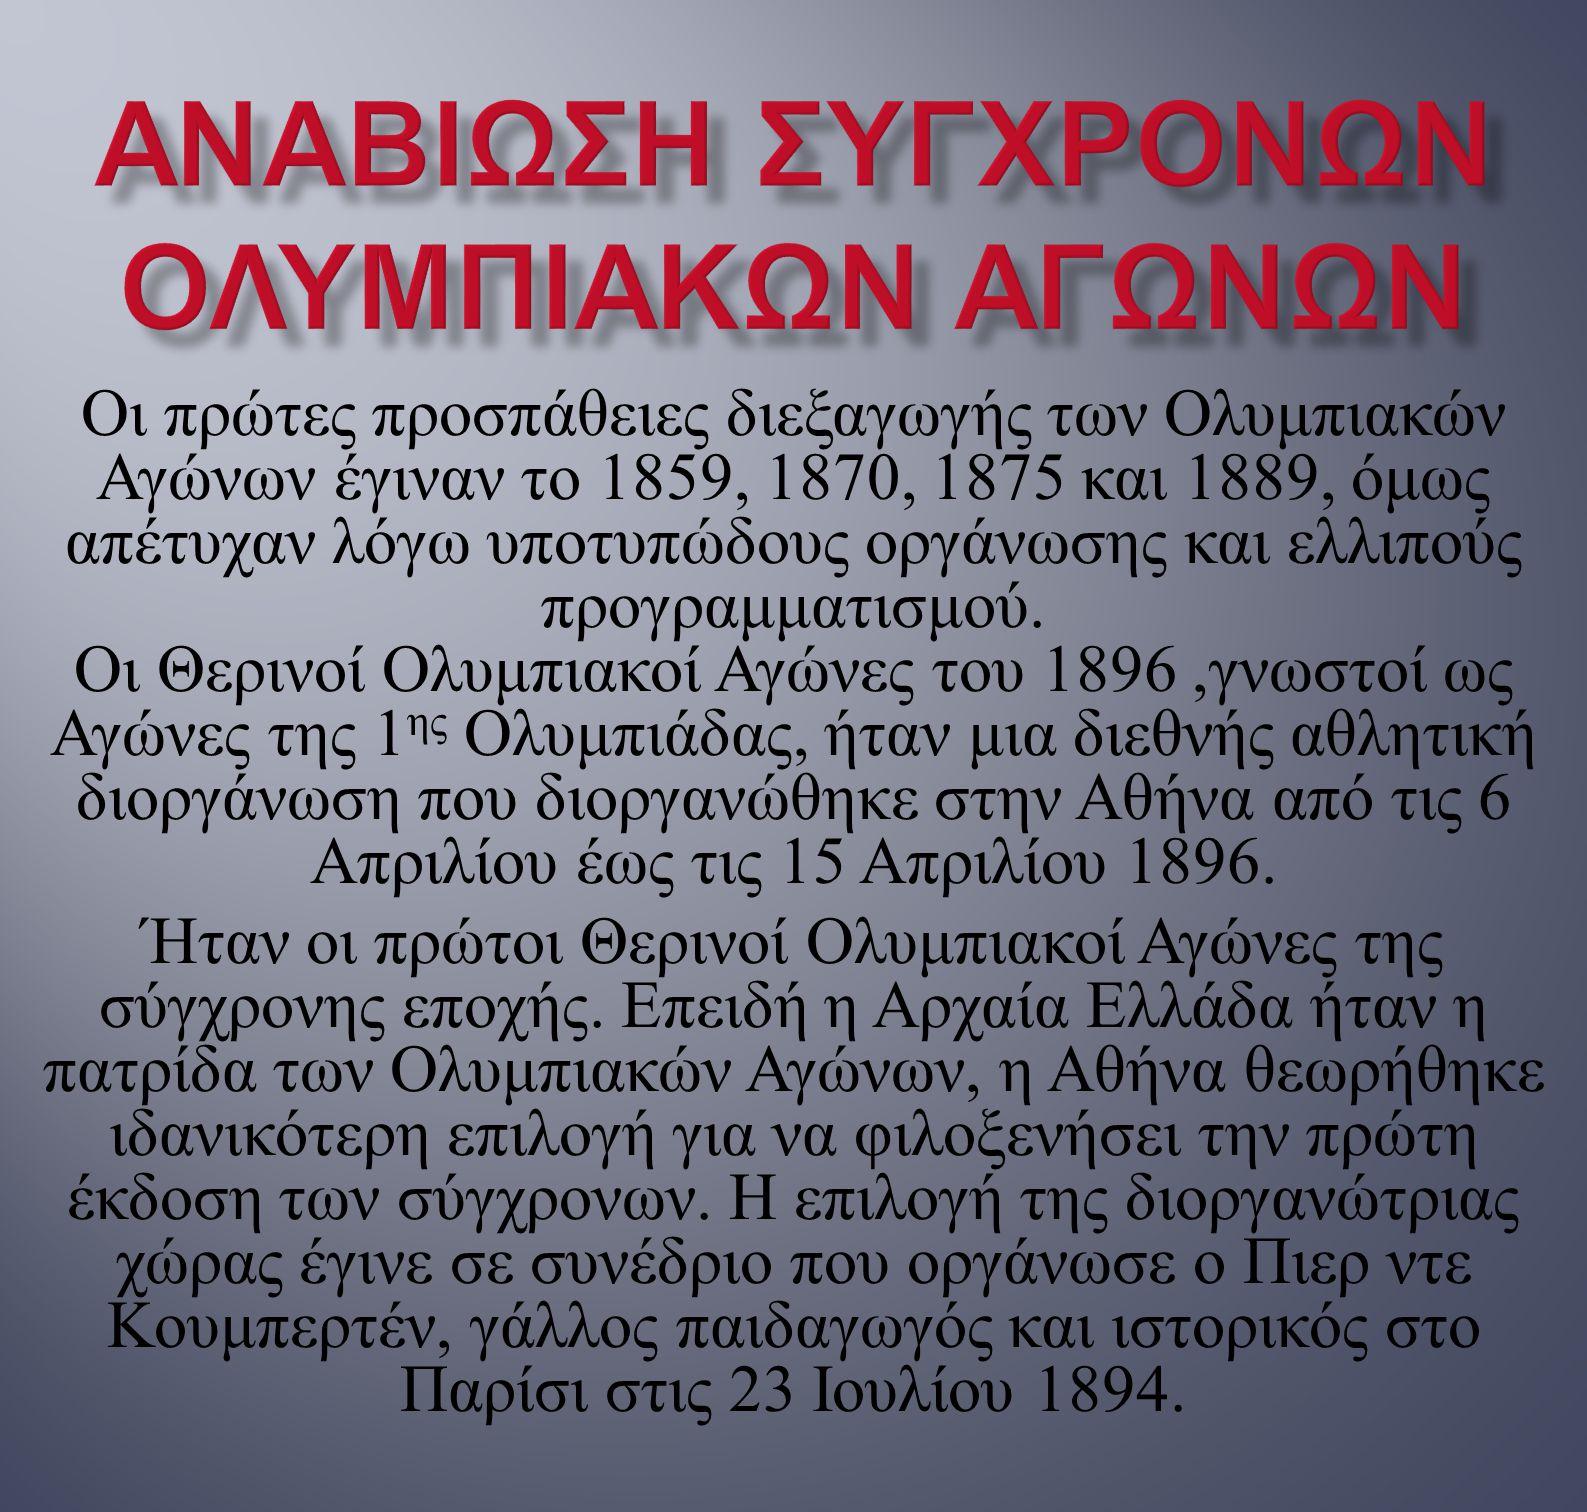 Τον Ολυμπιακό Ύμνο έγραψε ο Κωστής Παλαμάς και μελοποίησε ο Σπύρος Σαμαράς για την τελετή έναρξης των Ολυμπιακών Αγώνων του 1896.